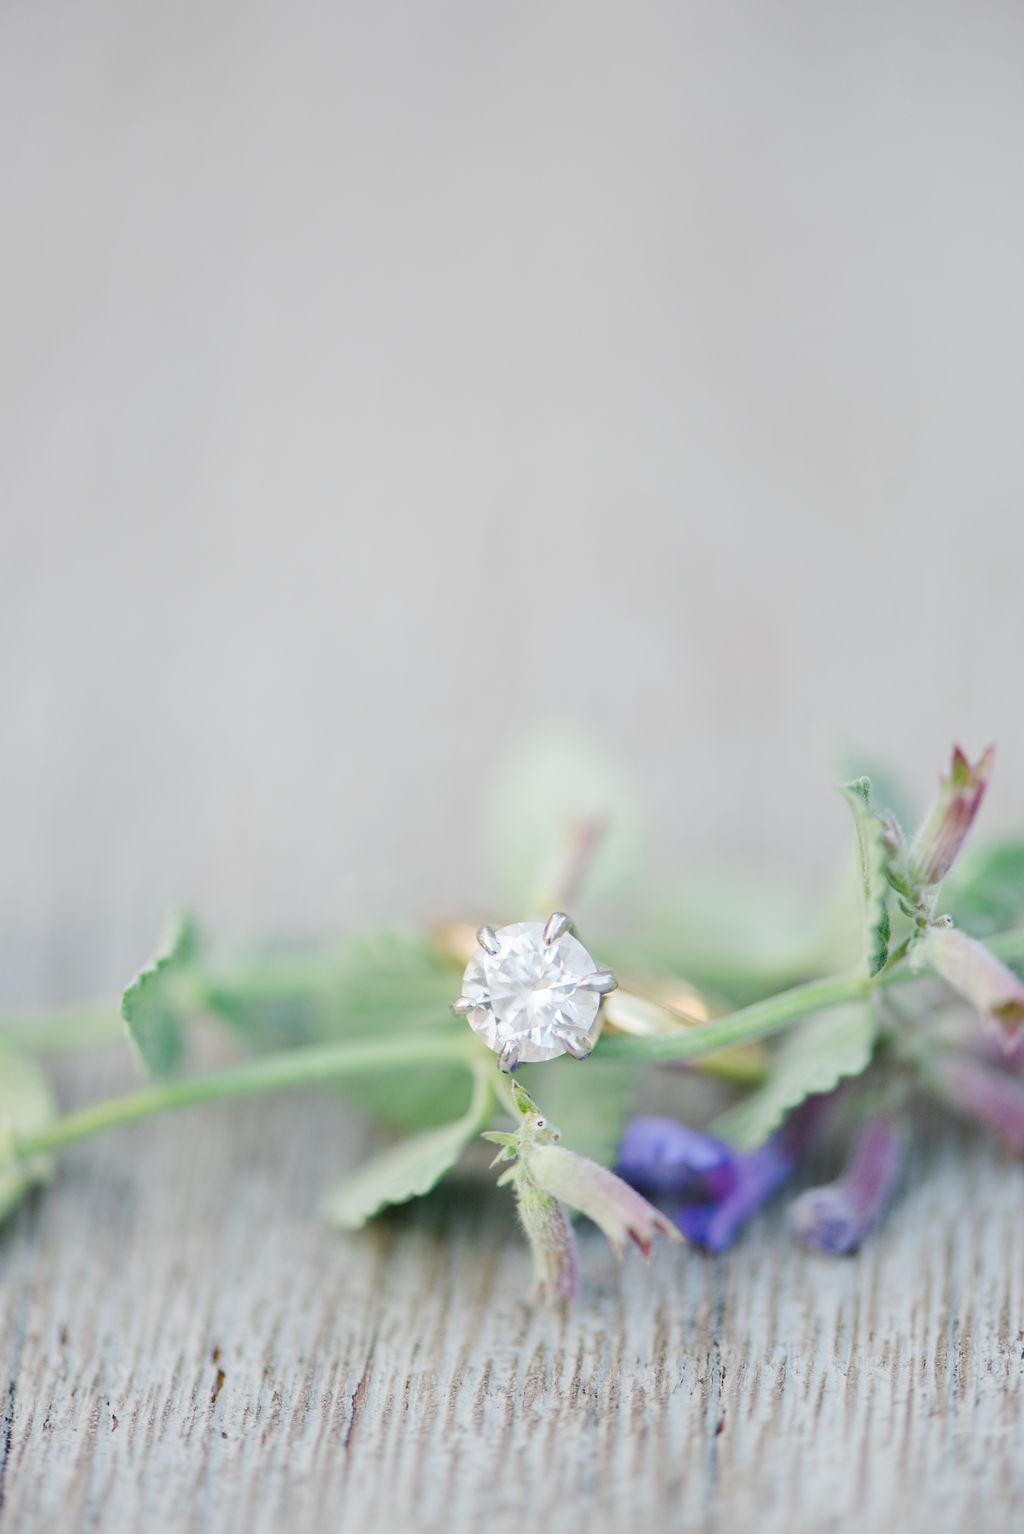 kelsea-louis-engagement-photos-41